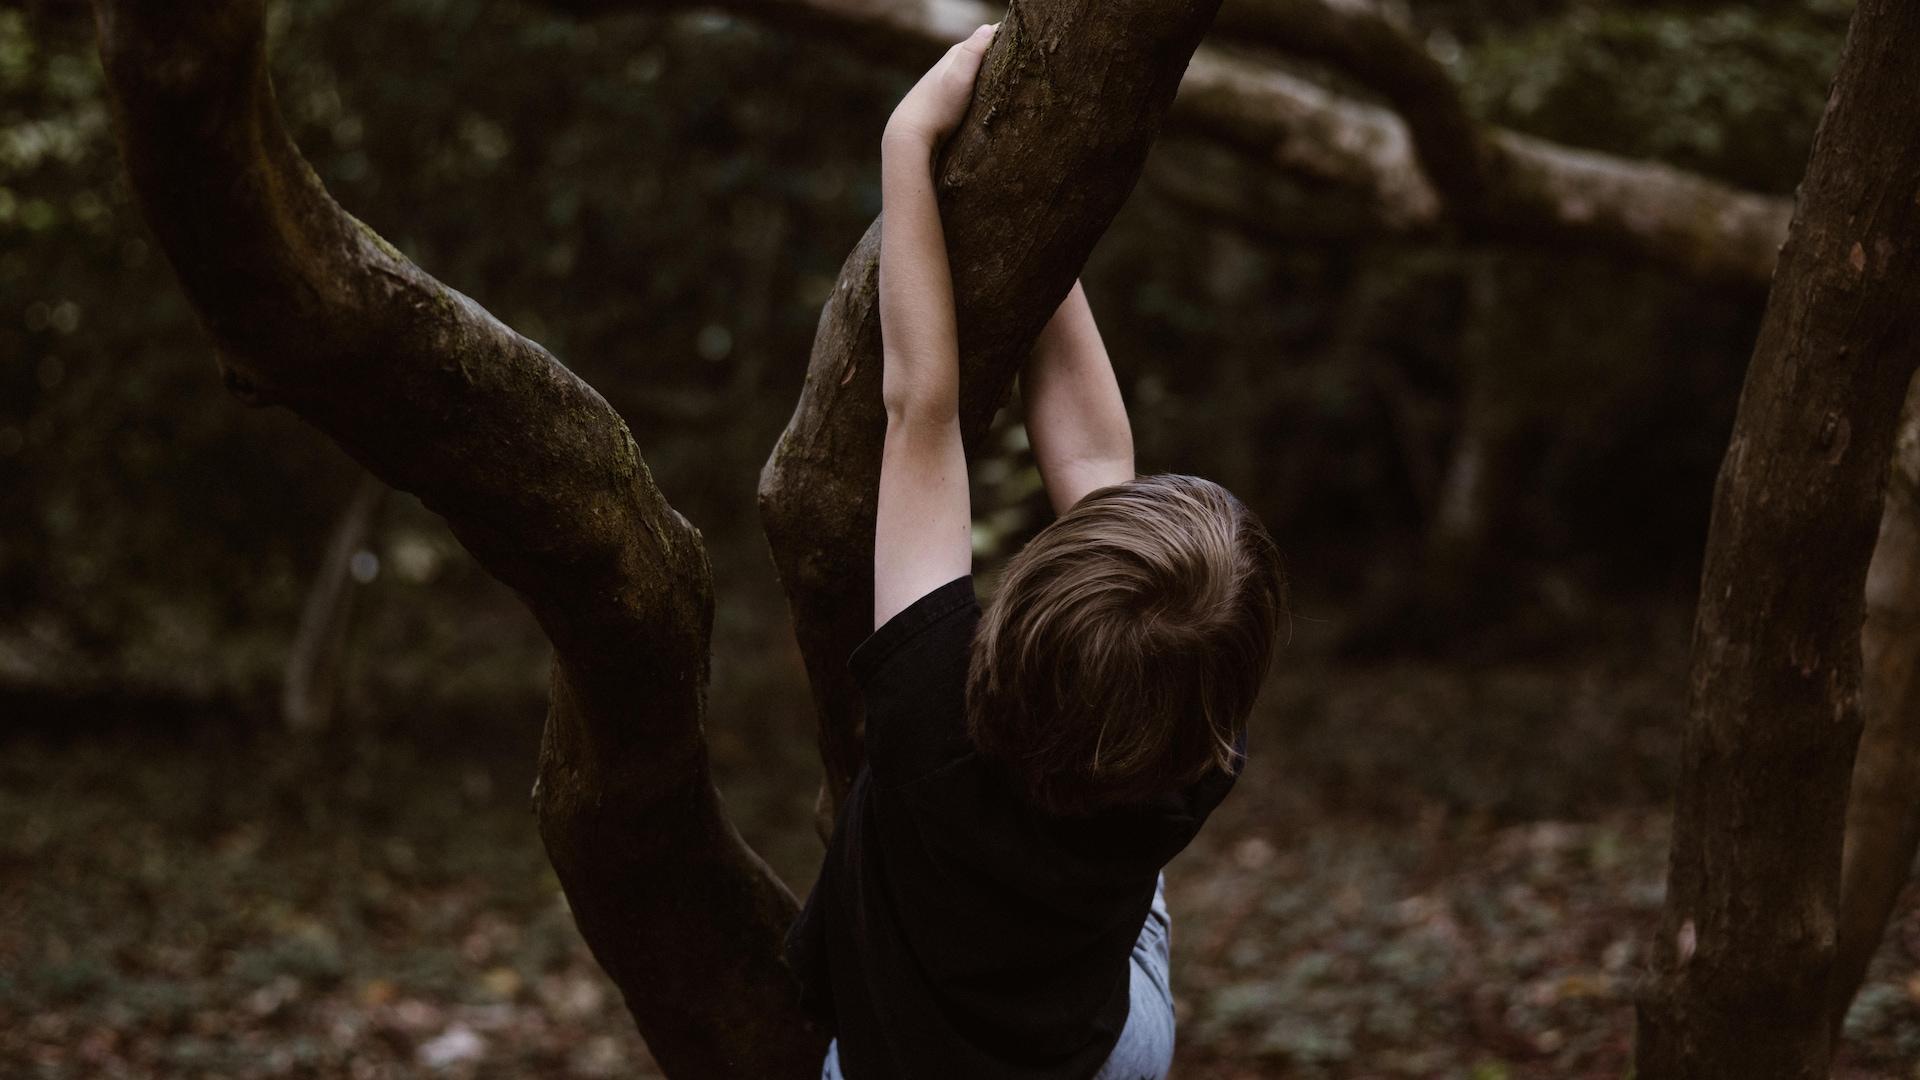 Un enfant joue dans les arbres en forêt.